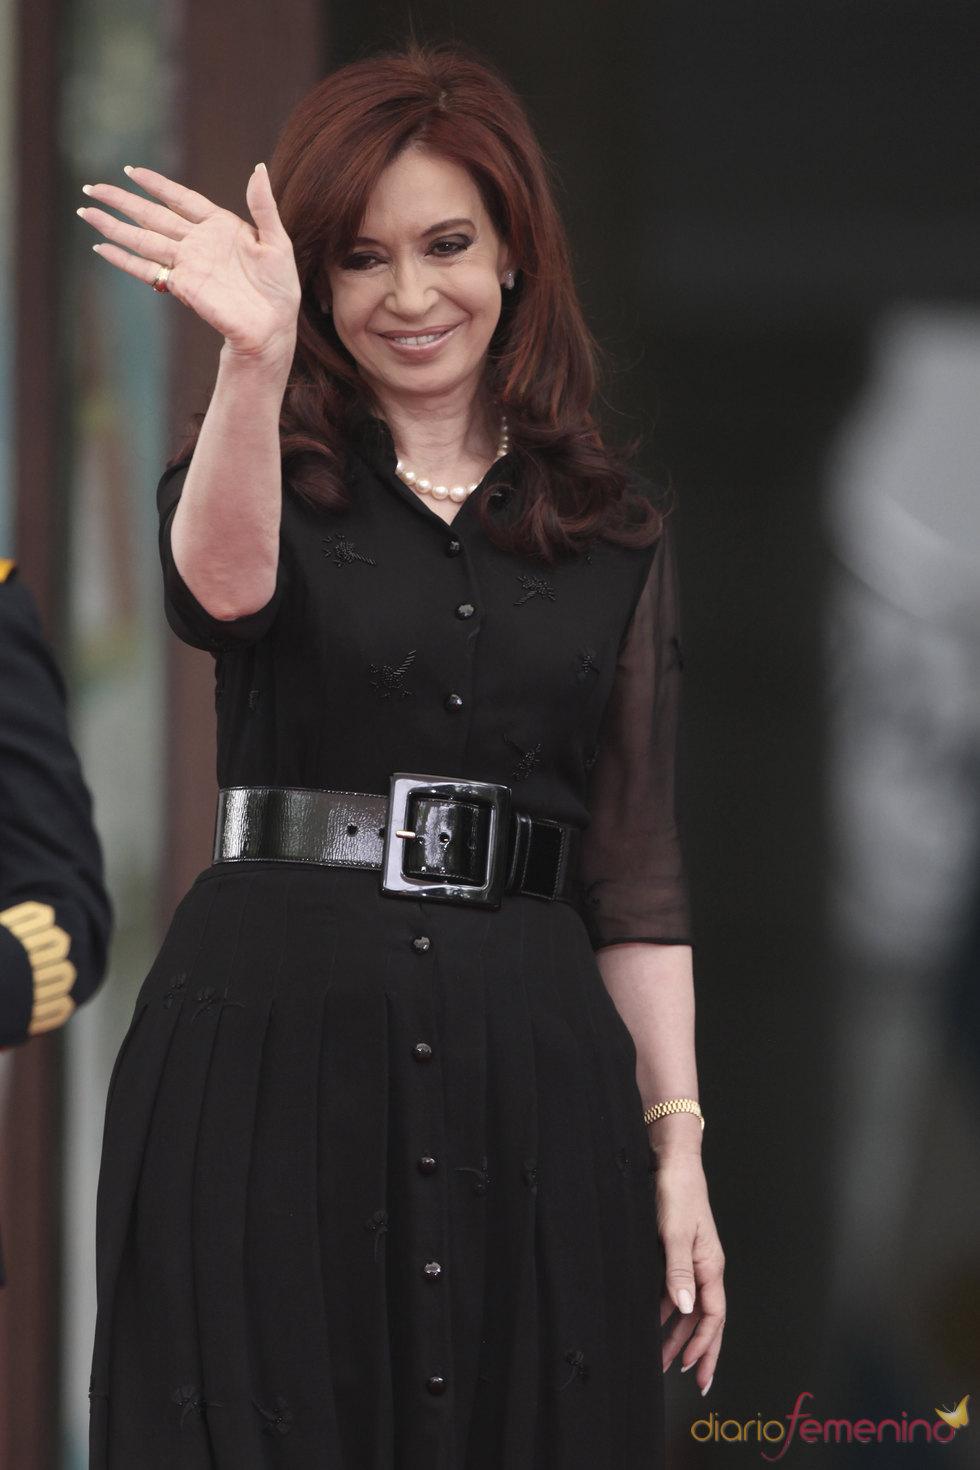 Cristina Fernández sufre un pequeño corte en la cabeza